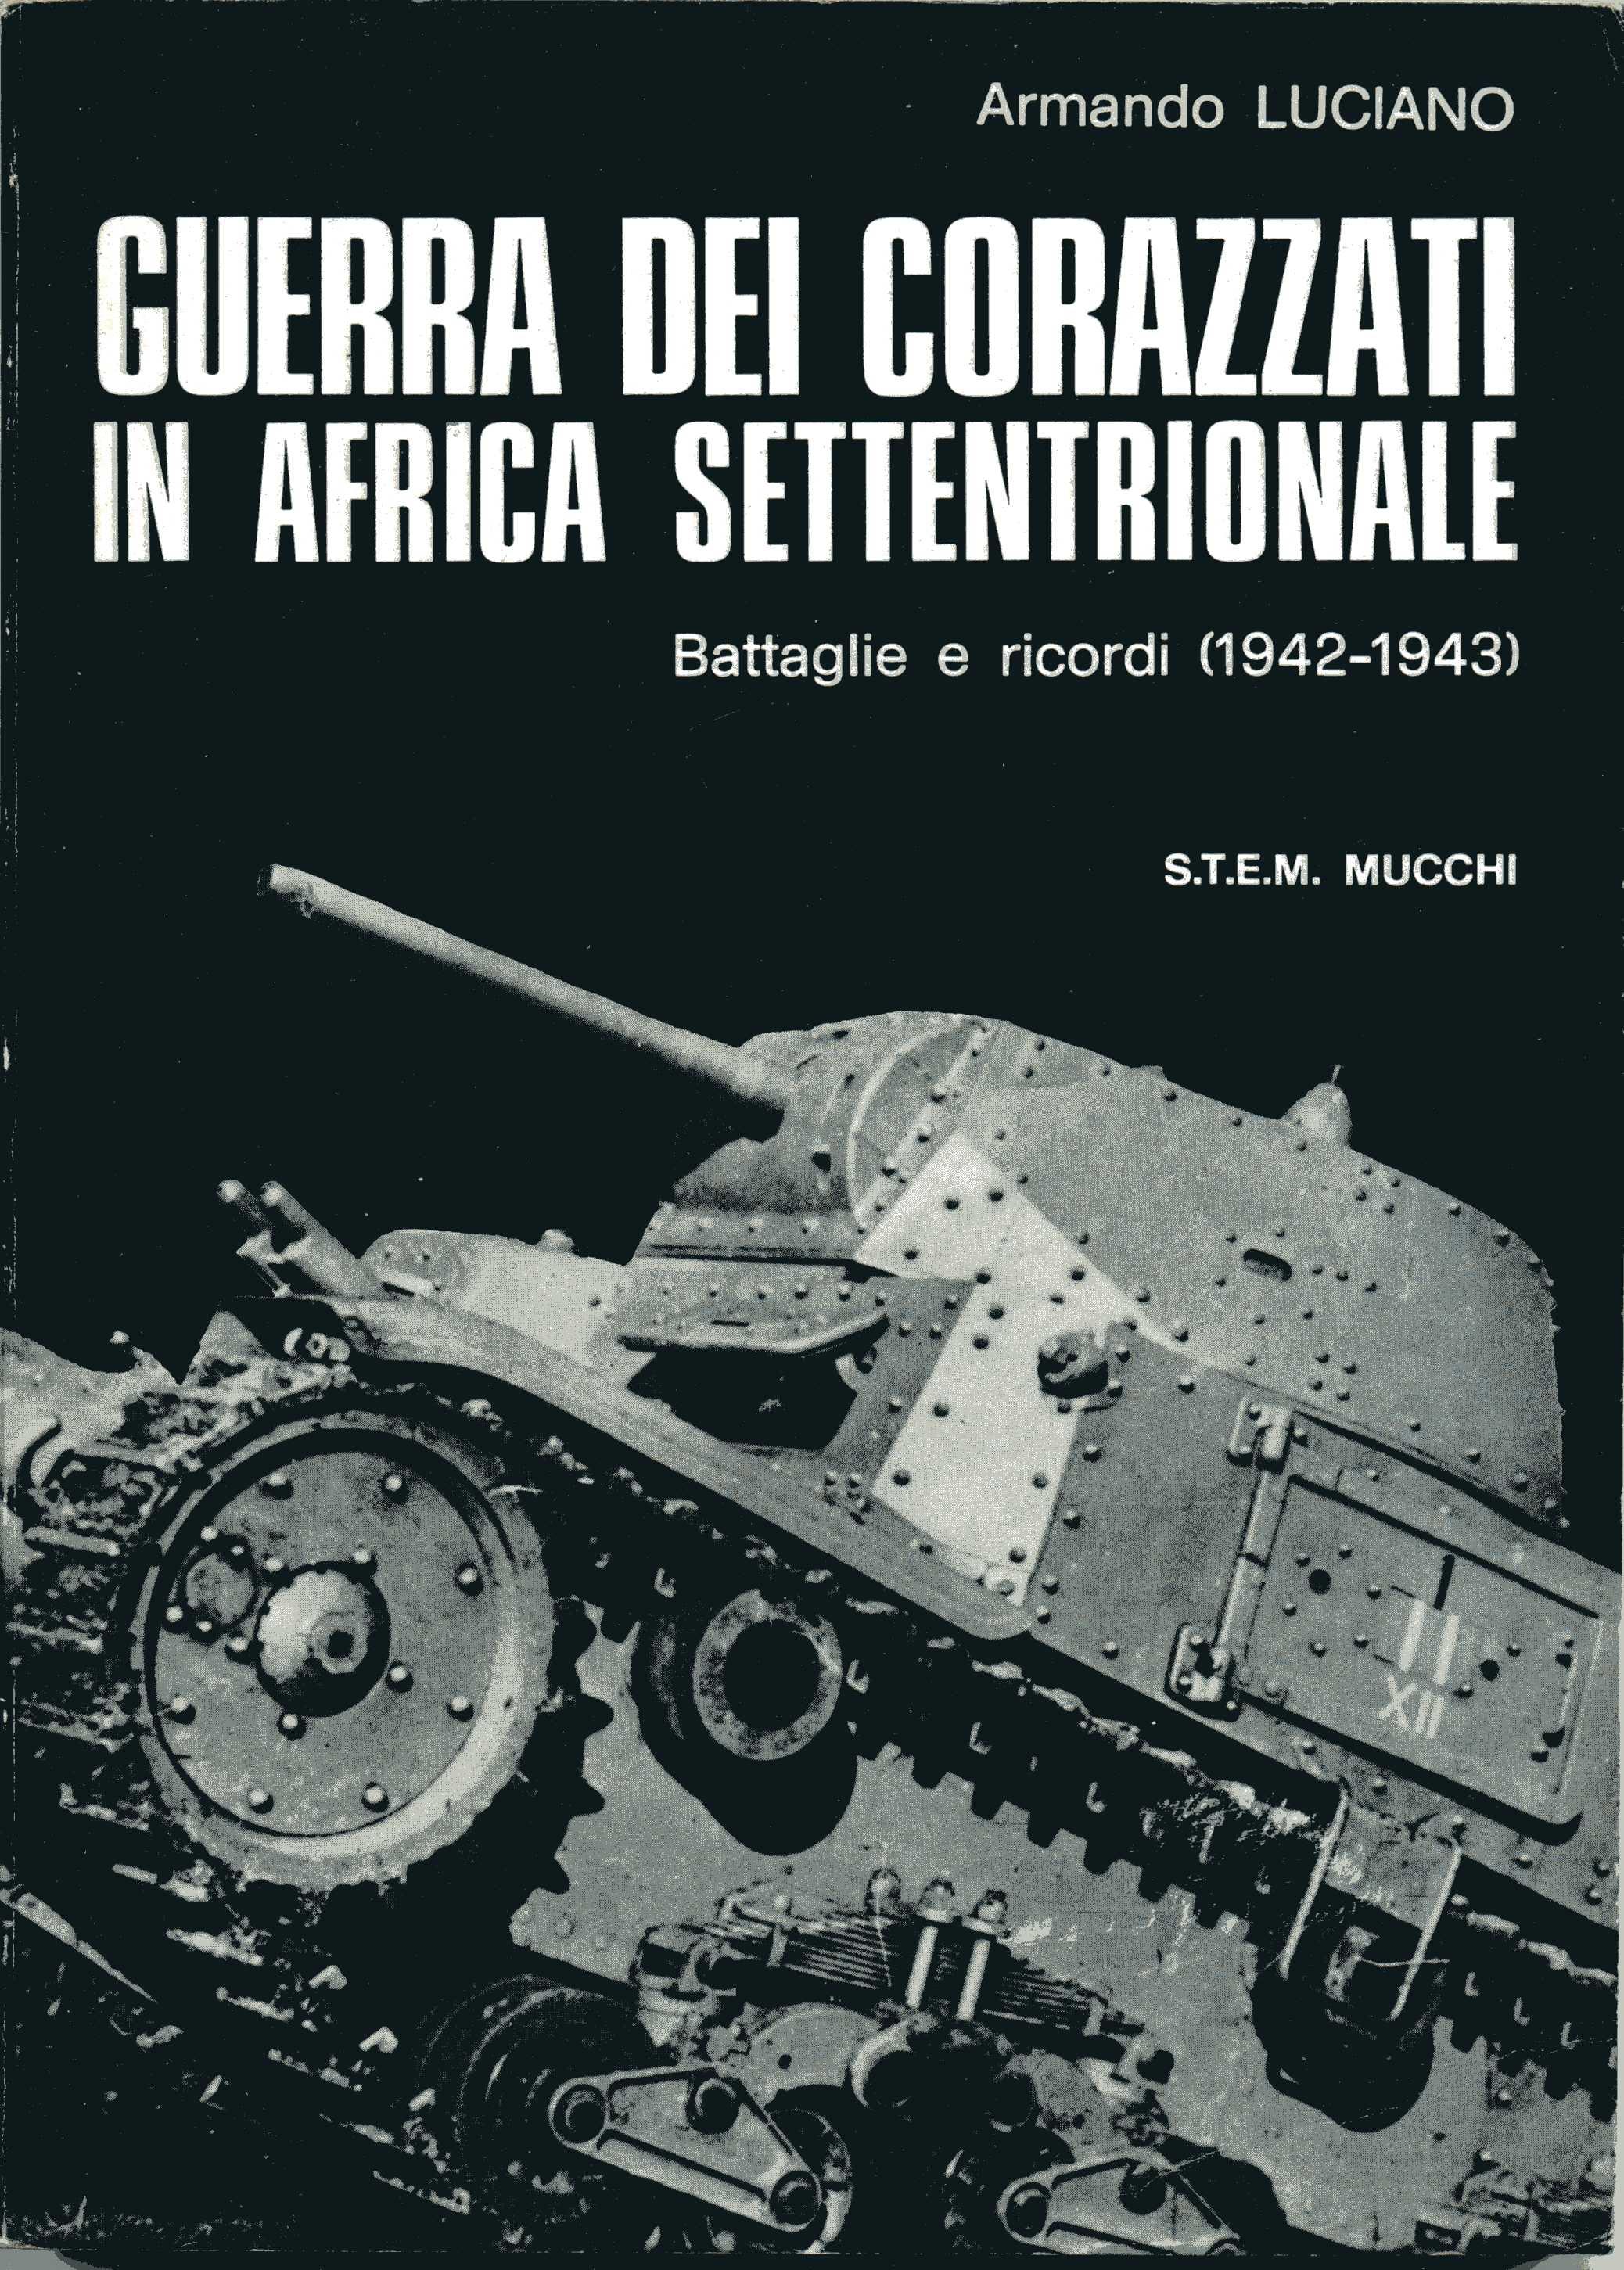 Guerra dei corazzati in Africa settentrionale